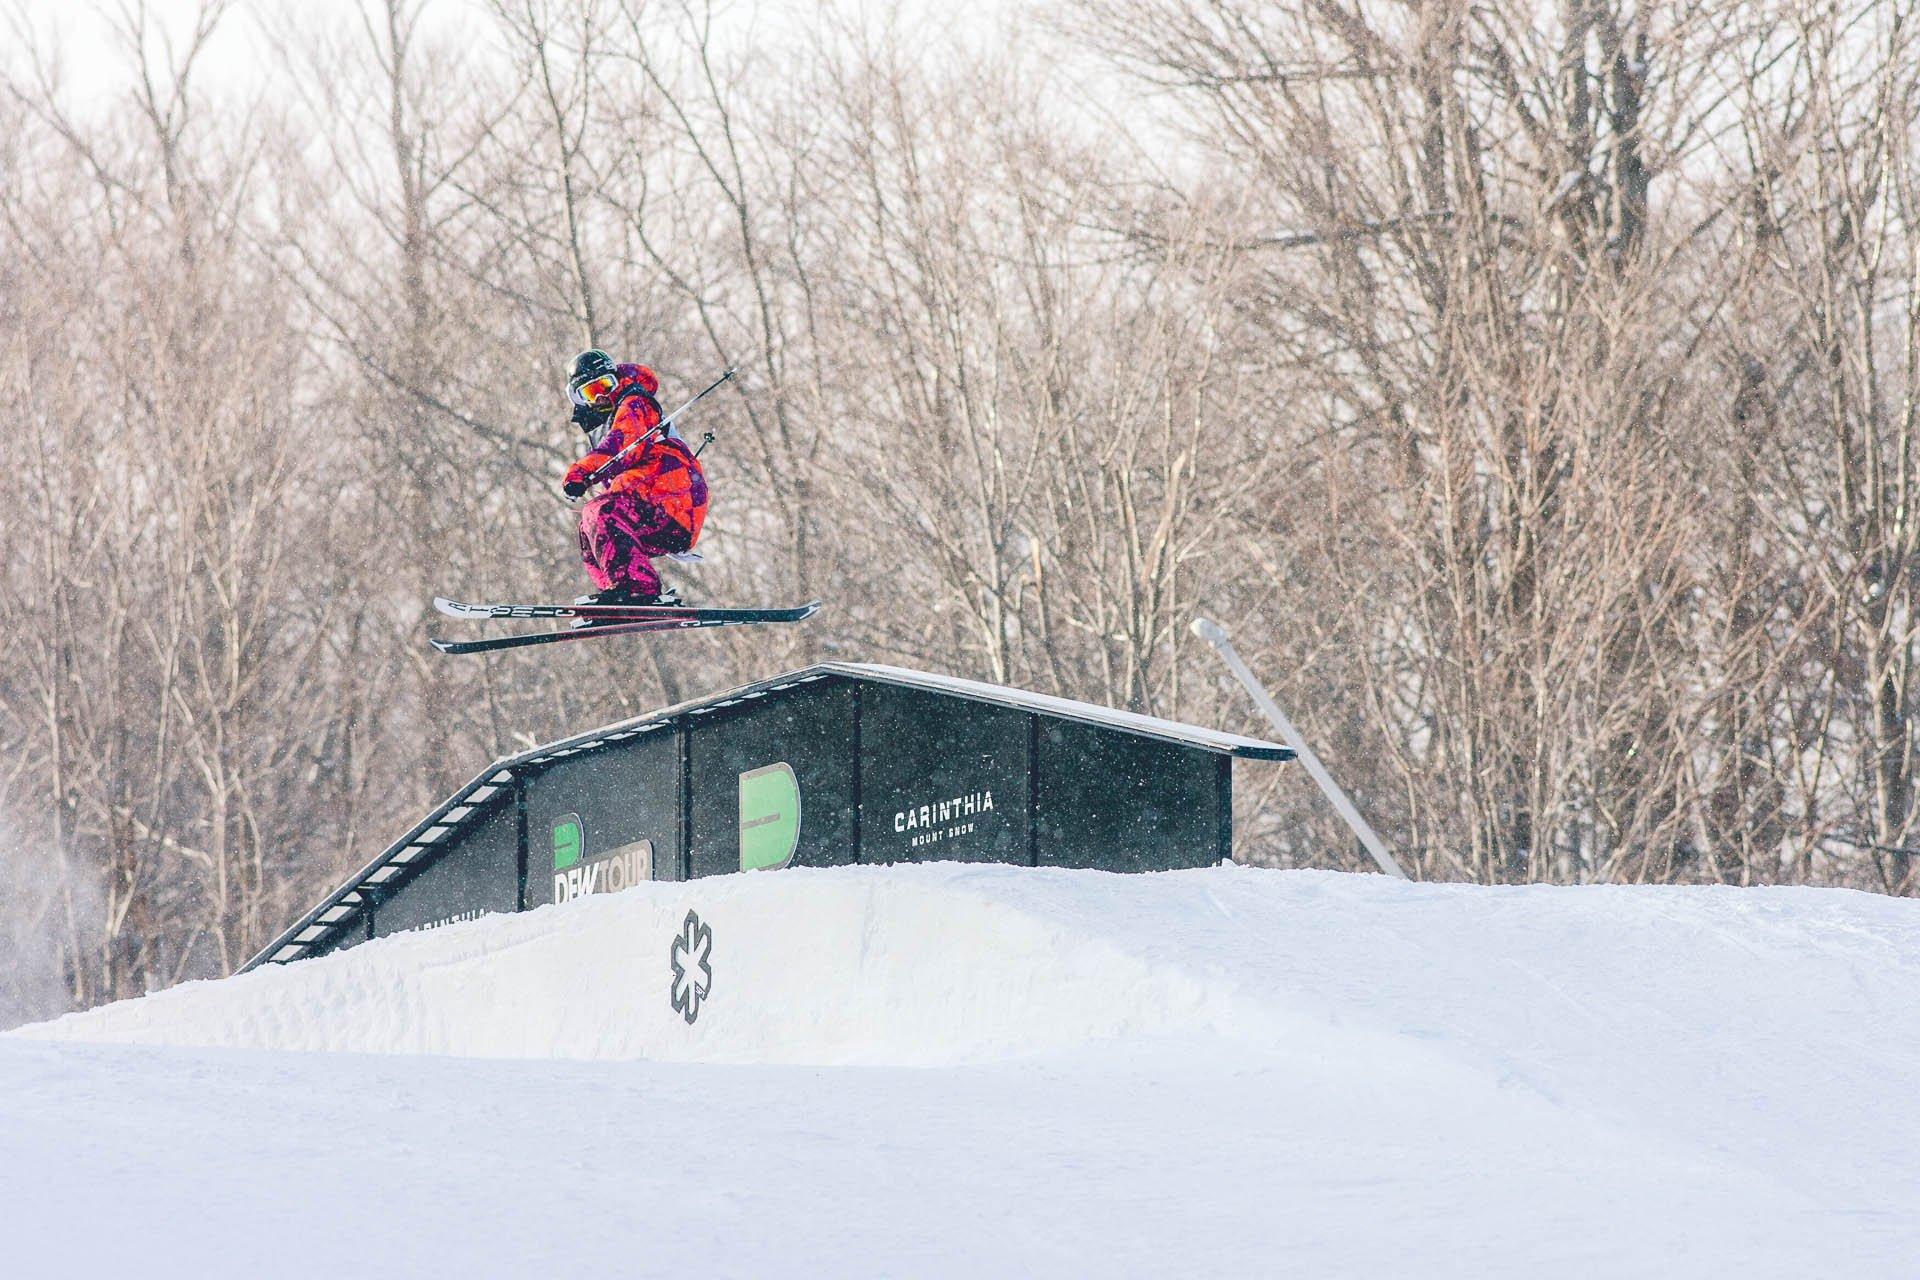 Jossi Wells, 2009 Mount Snow Dew Tour